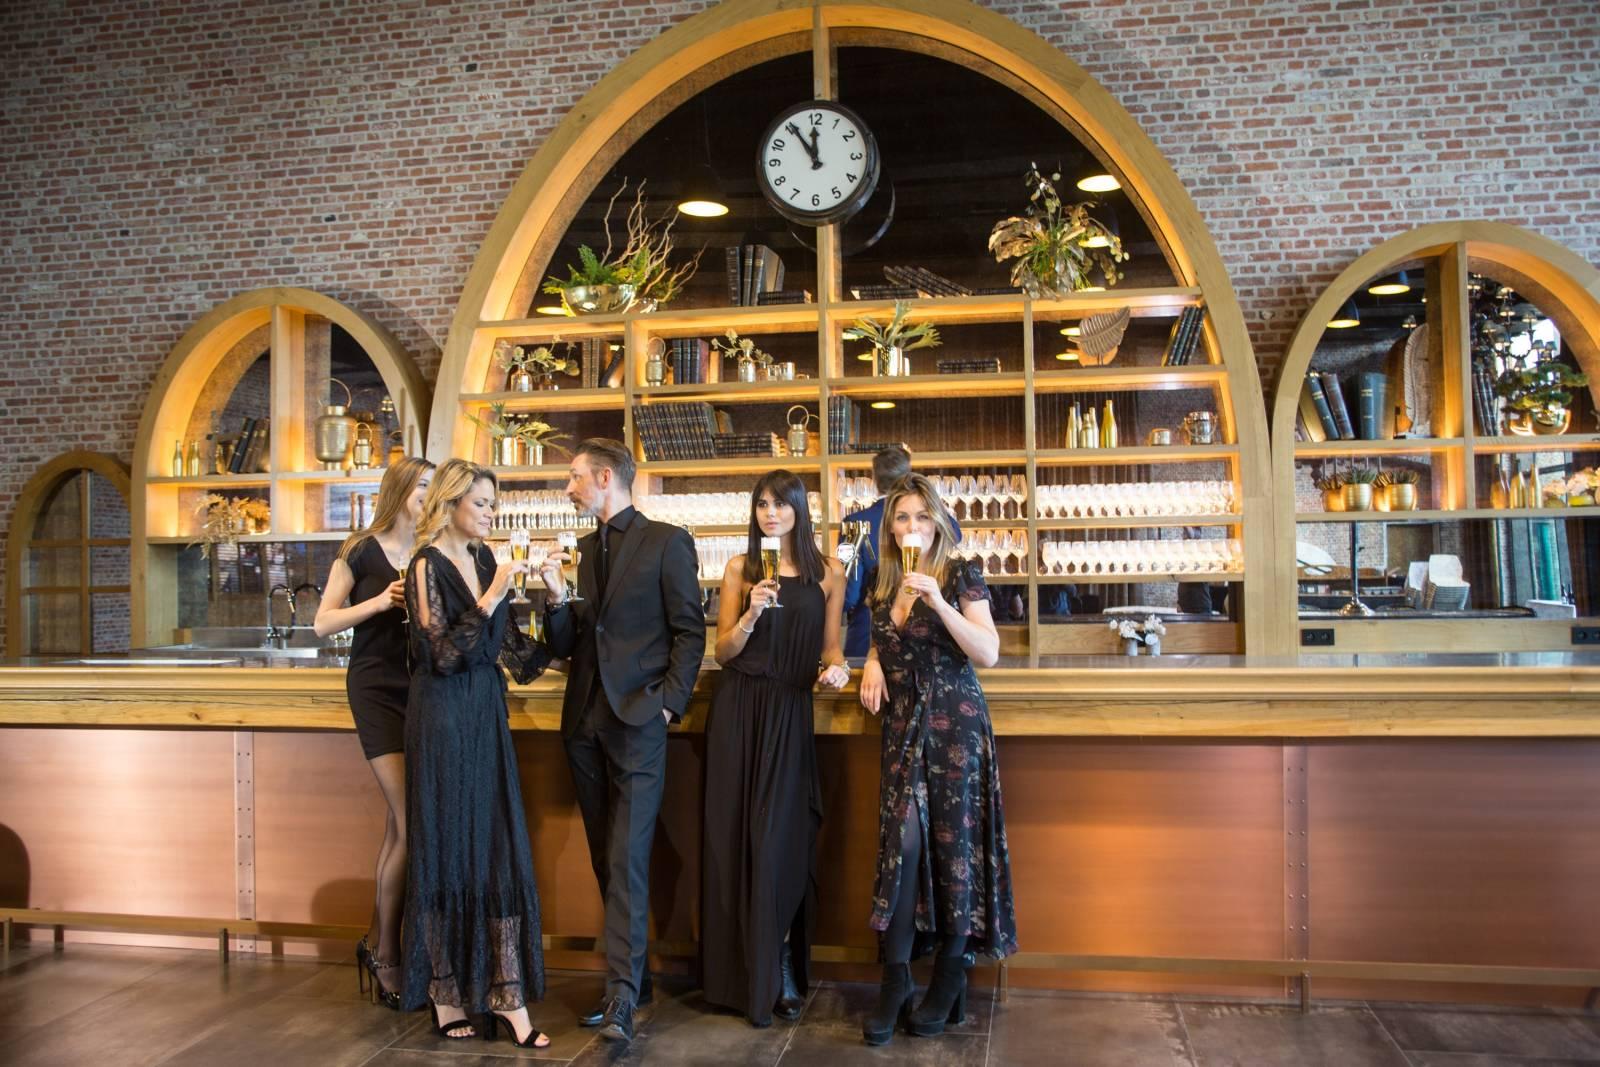 Het Bierkasteel - Feestzaal - Feestlocatie - Brouwerij - Restaurant - Industrieel - Izegem (West-Vlaanderen) - House of Events - 25